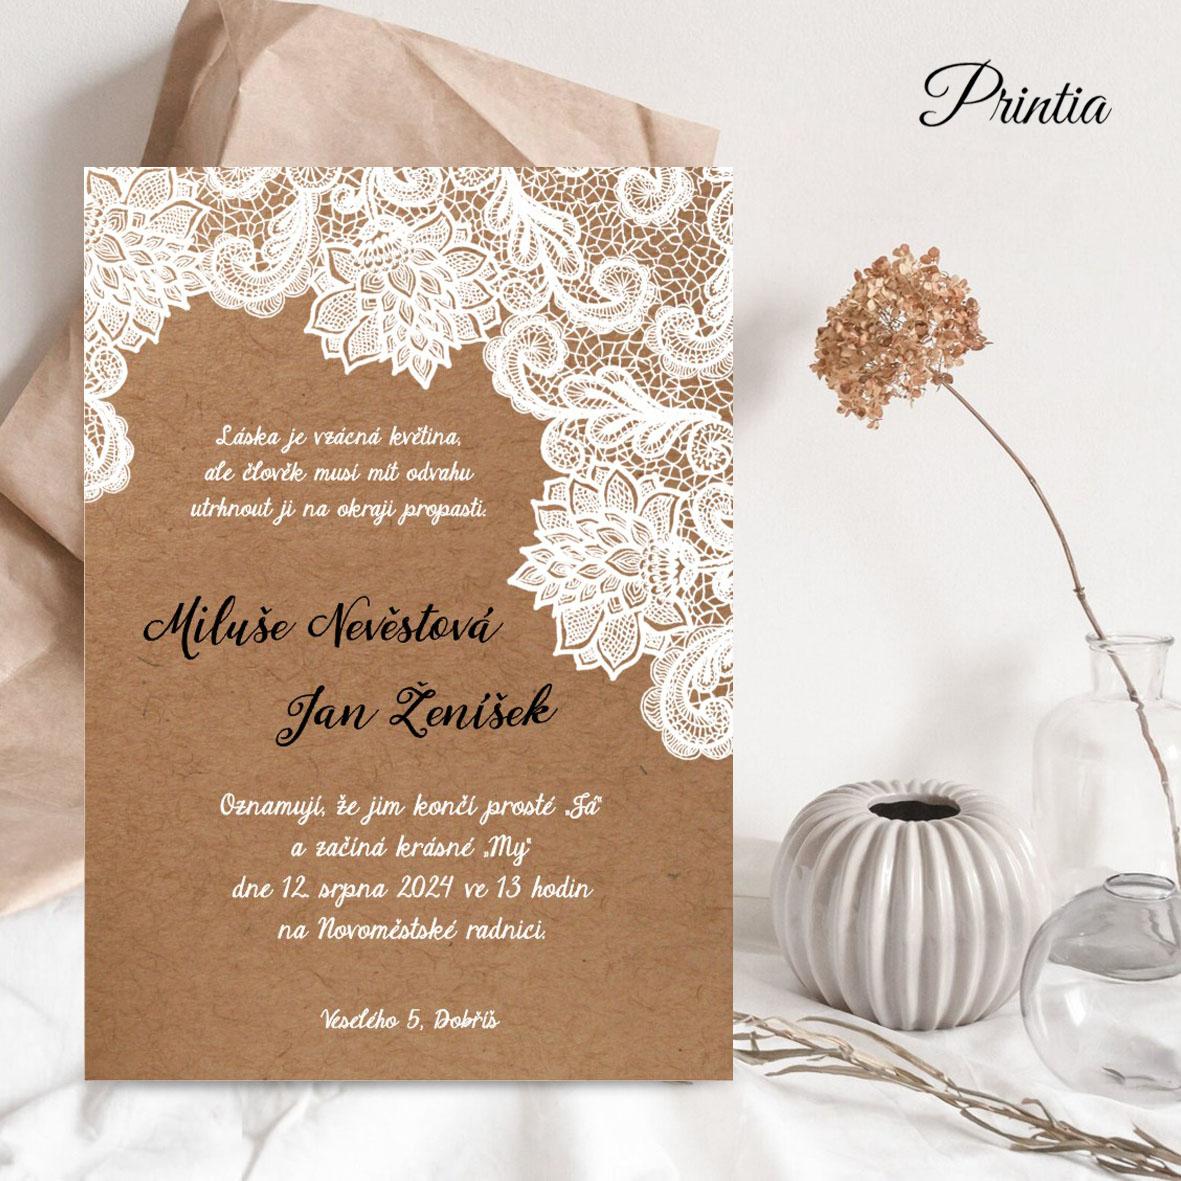 Rustik svatební oznámení s bílou krajkou na kraftovém podkladu